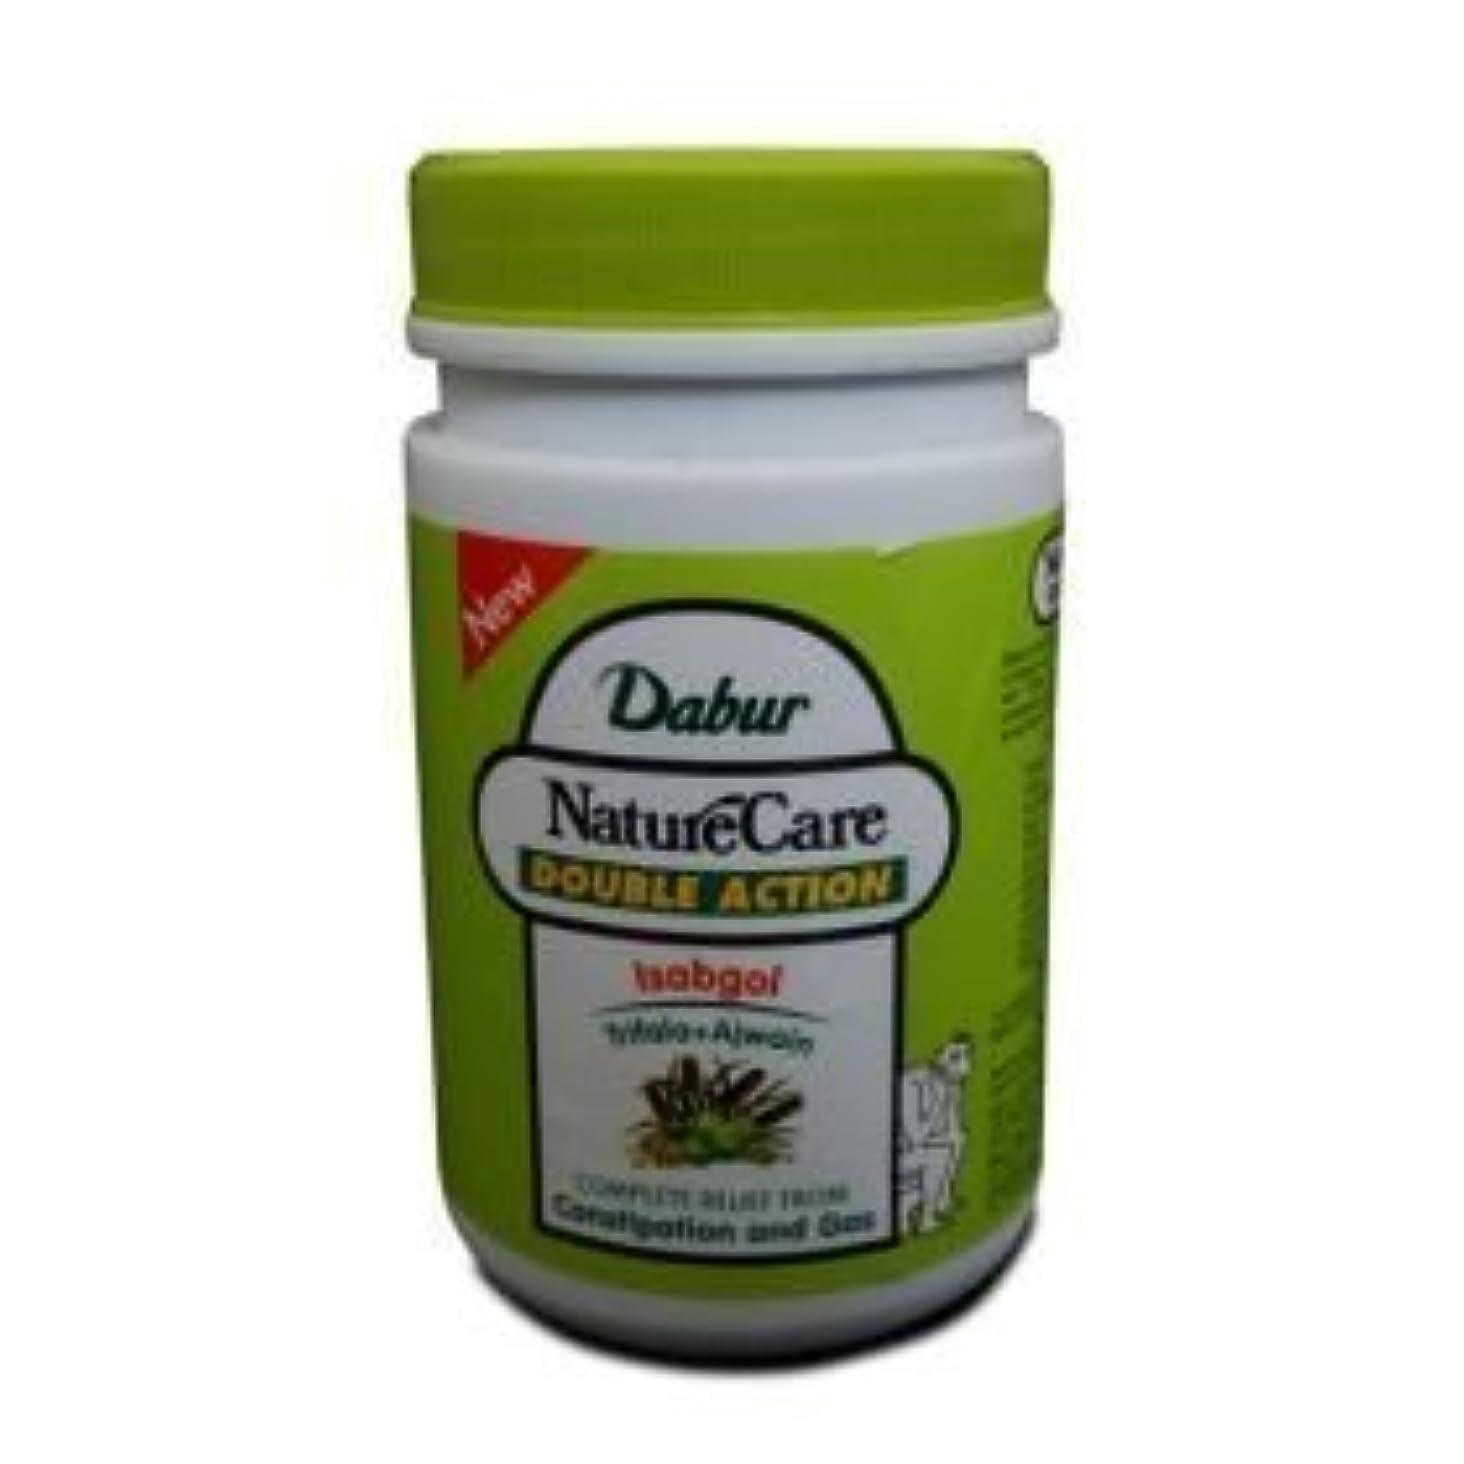 縁オズワルド一族Dabur Naturecare Double Action Isabgol Husk Effective Relief From Gas,constipation 100 Grams by Dabur [並行輸入品]